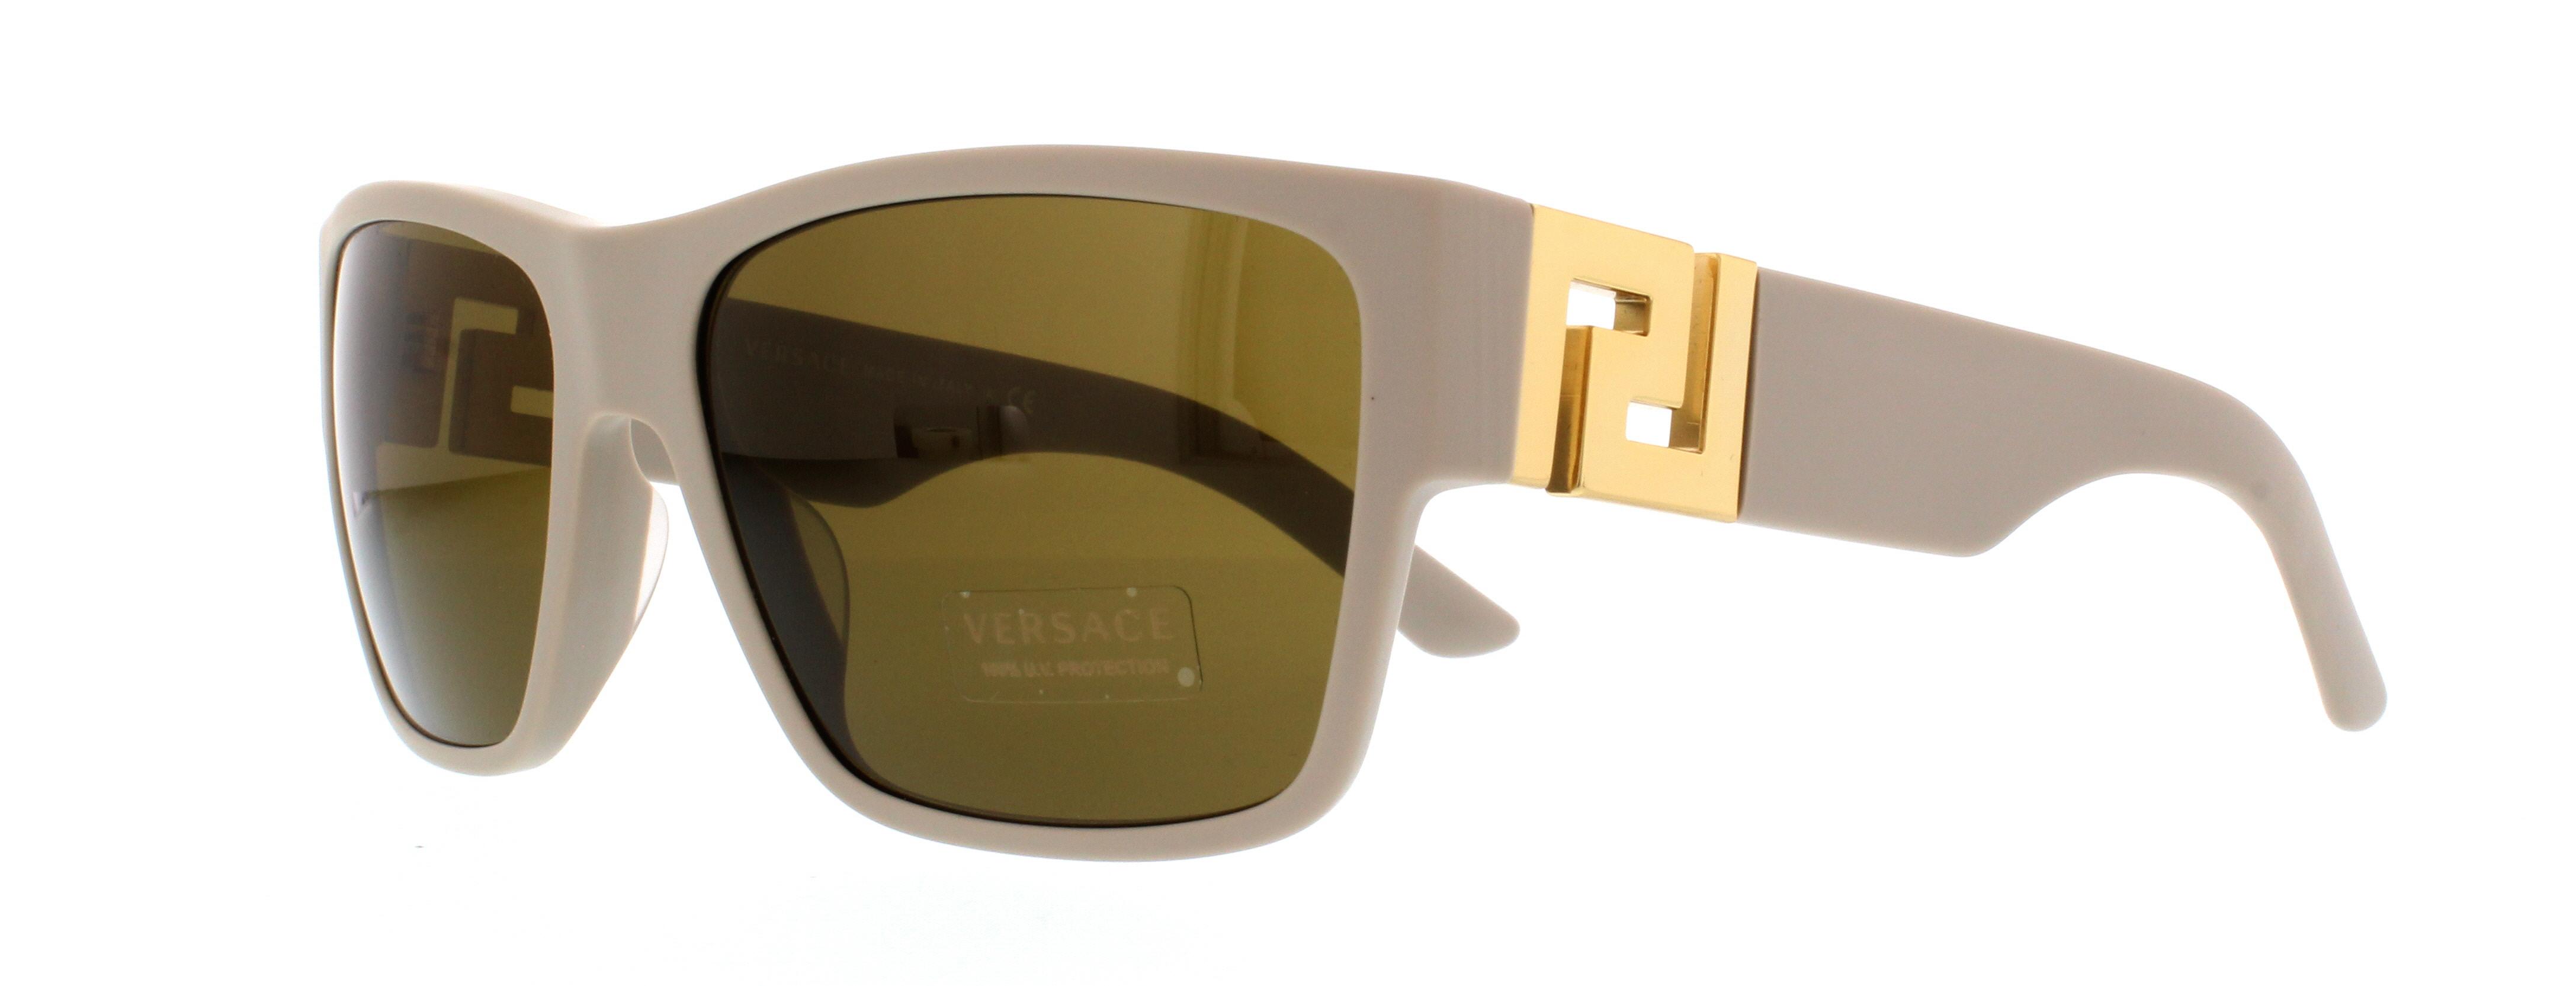 f1a5902ef6 Designer Frames Outlet. Versace VE4296A